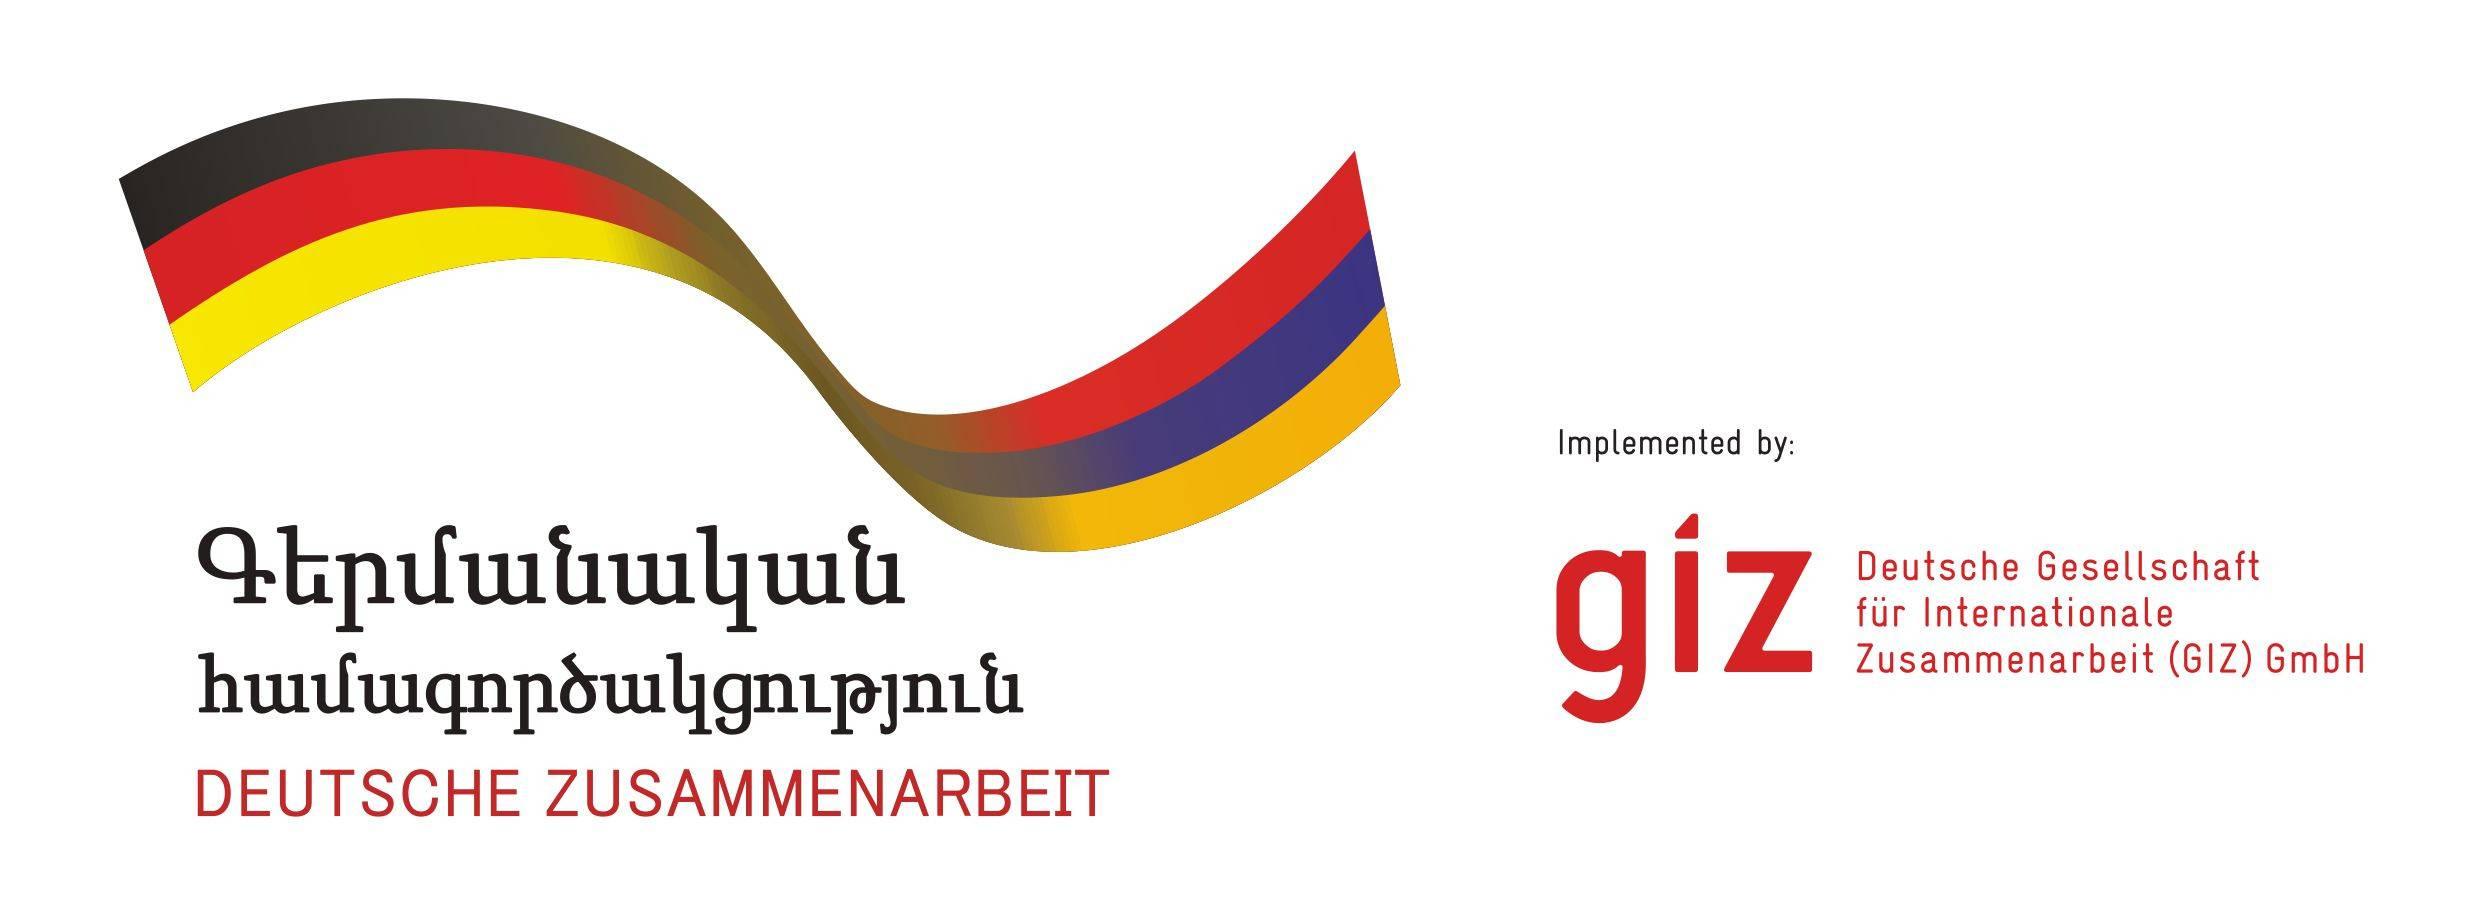 German Development Cooperation via Deutsche Gesellschaft für Internationale Zusammenarbeit